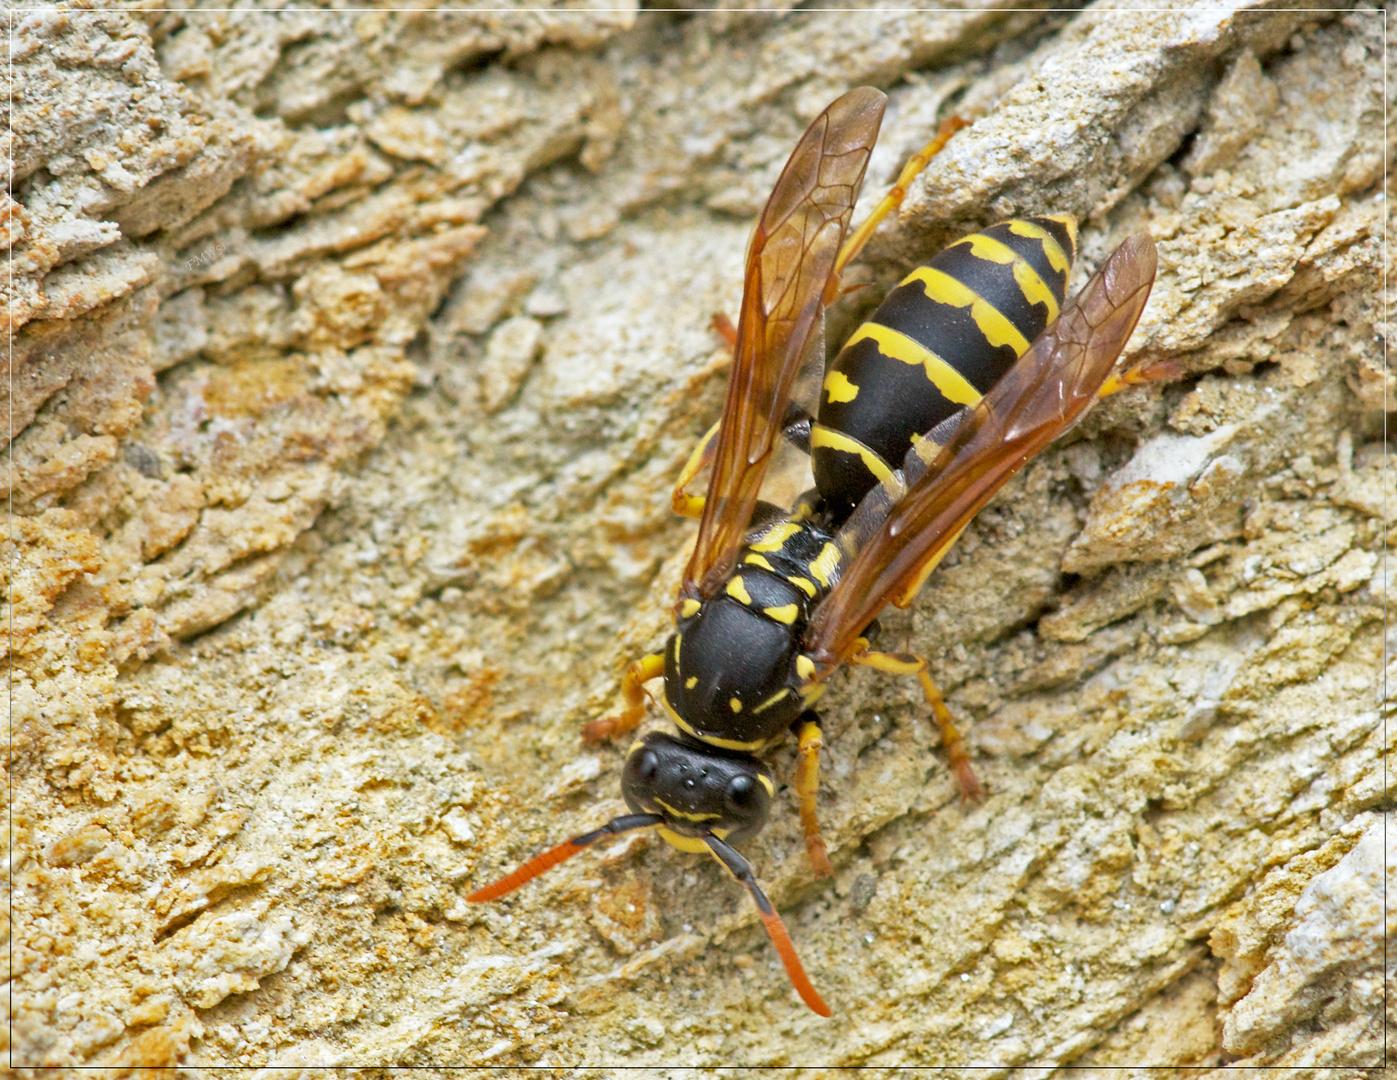 Wespe inspiziert eine alte Trockenmauer